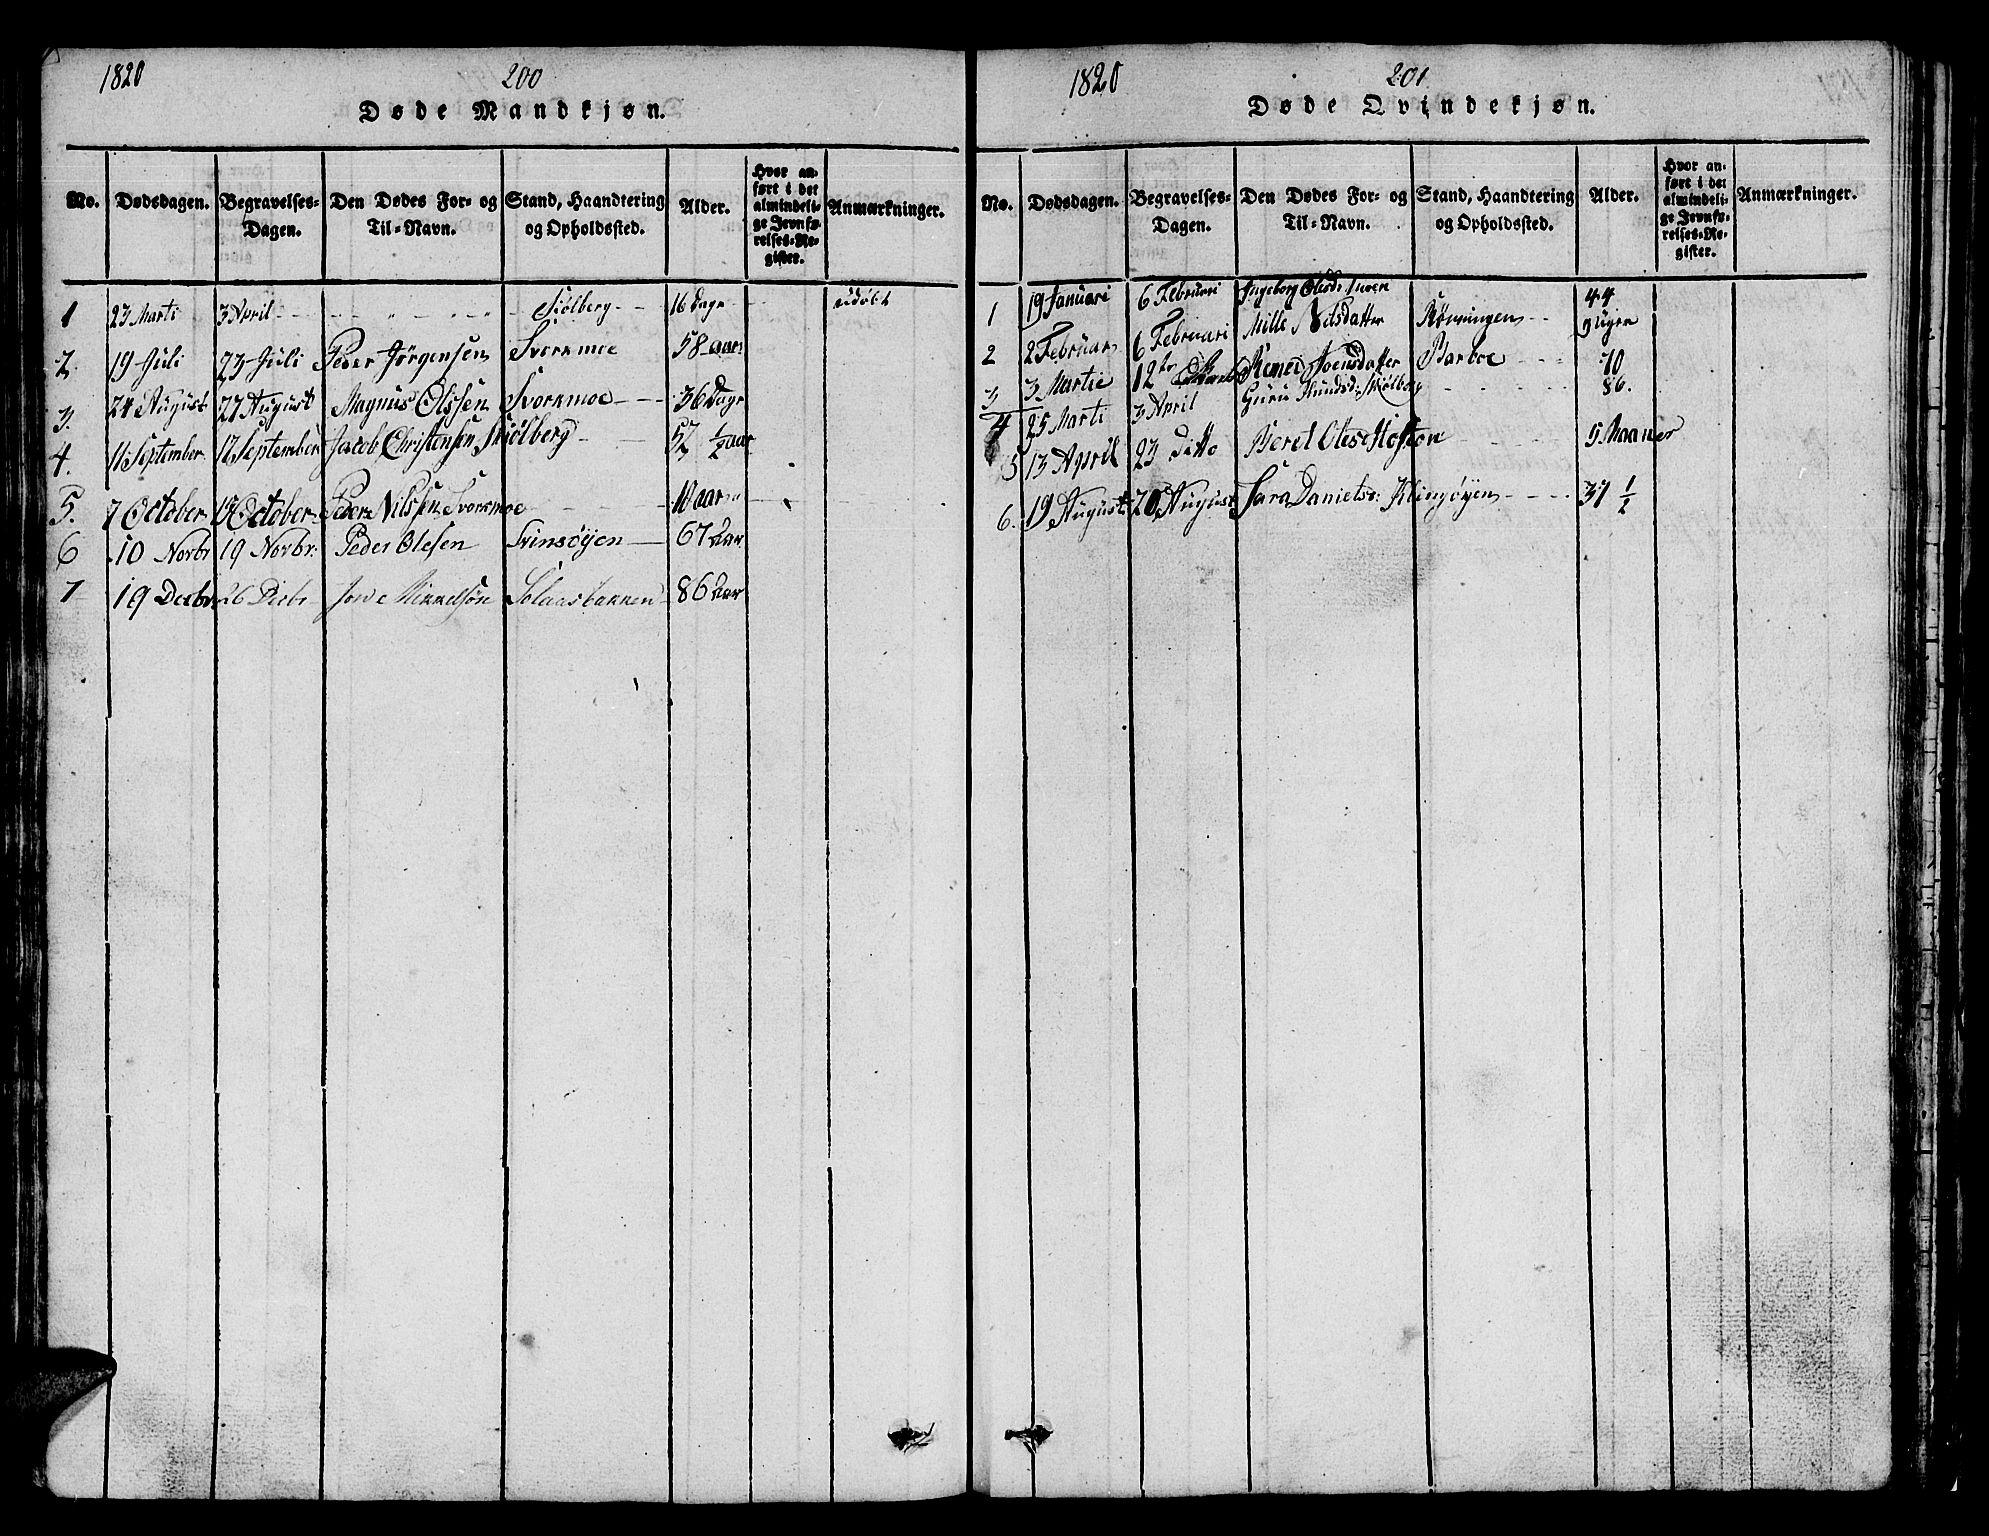 SAT, Ministerialprotokoller, klokkerbøker og fødselsregistre - Sør-Trøndelag, 671/L0842: Klokkerbok nr. 671C01, 1816-1867, s. 200-201